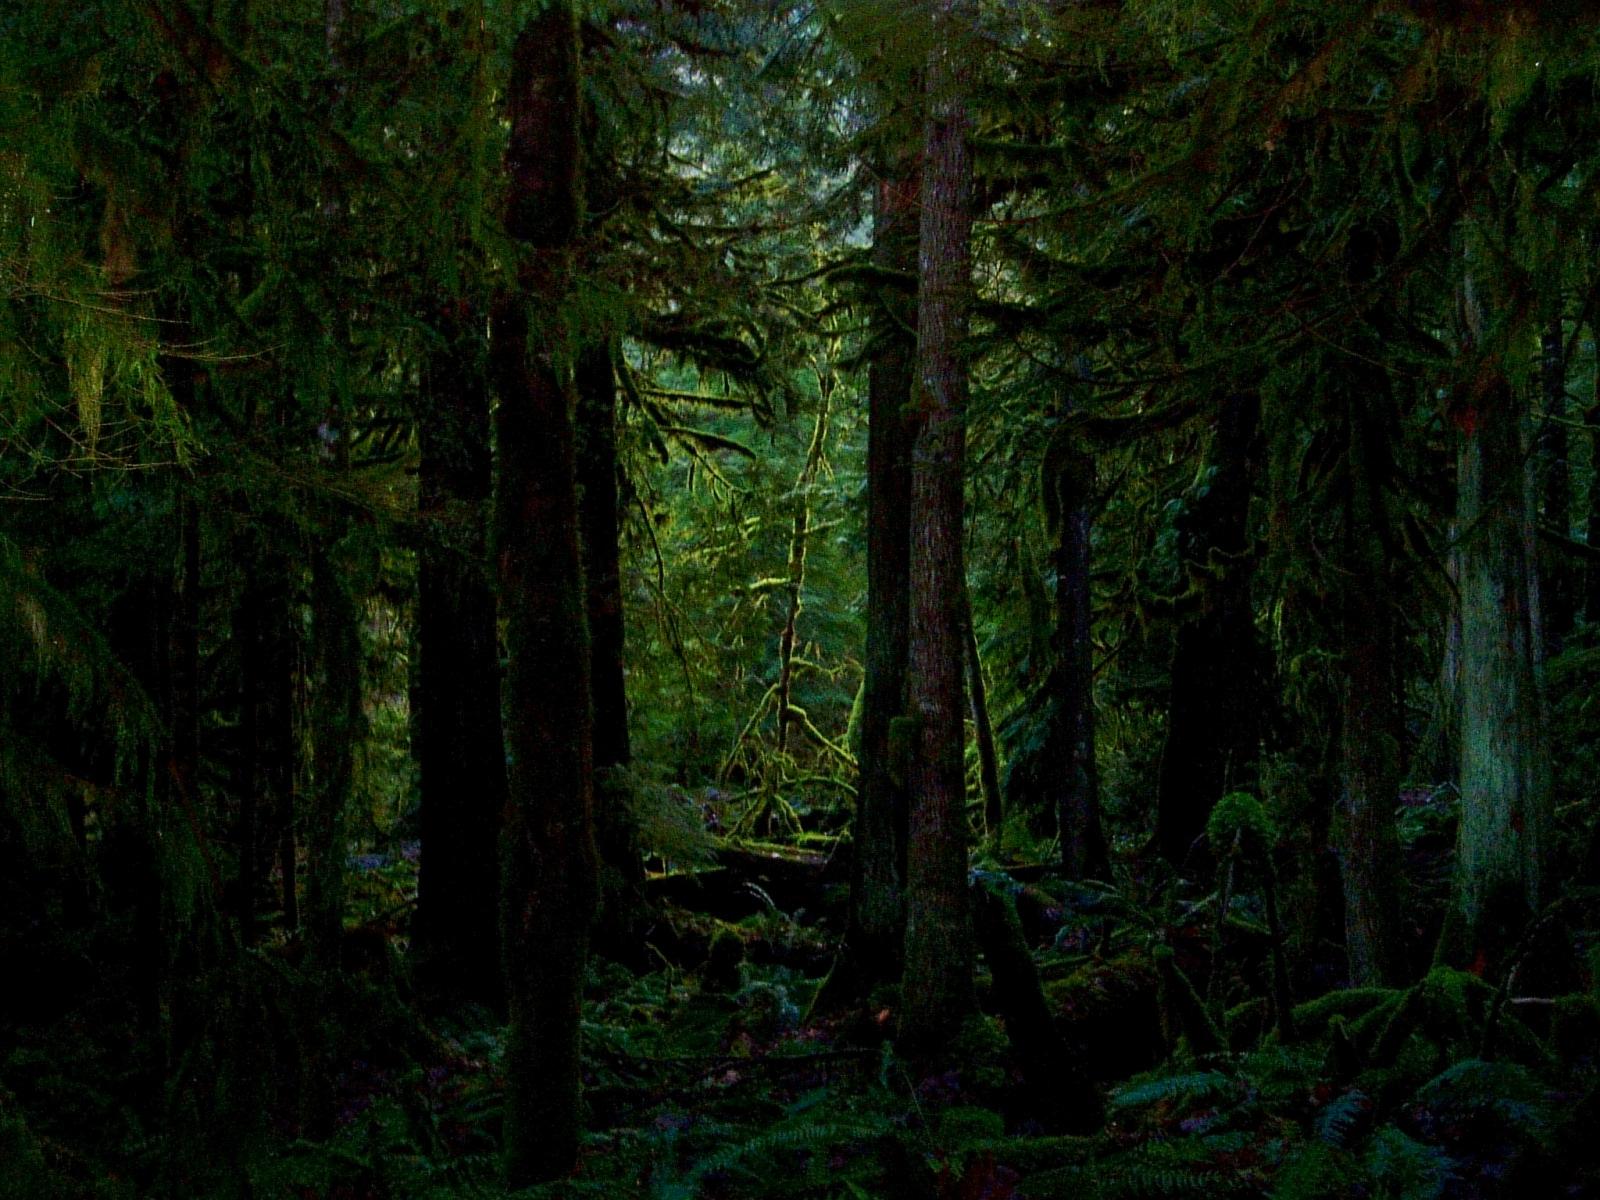 густой темный лес, деревья, стволы деревьев, скачать фото